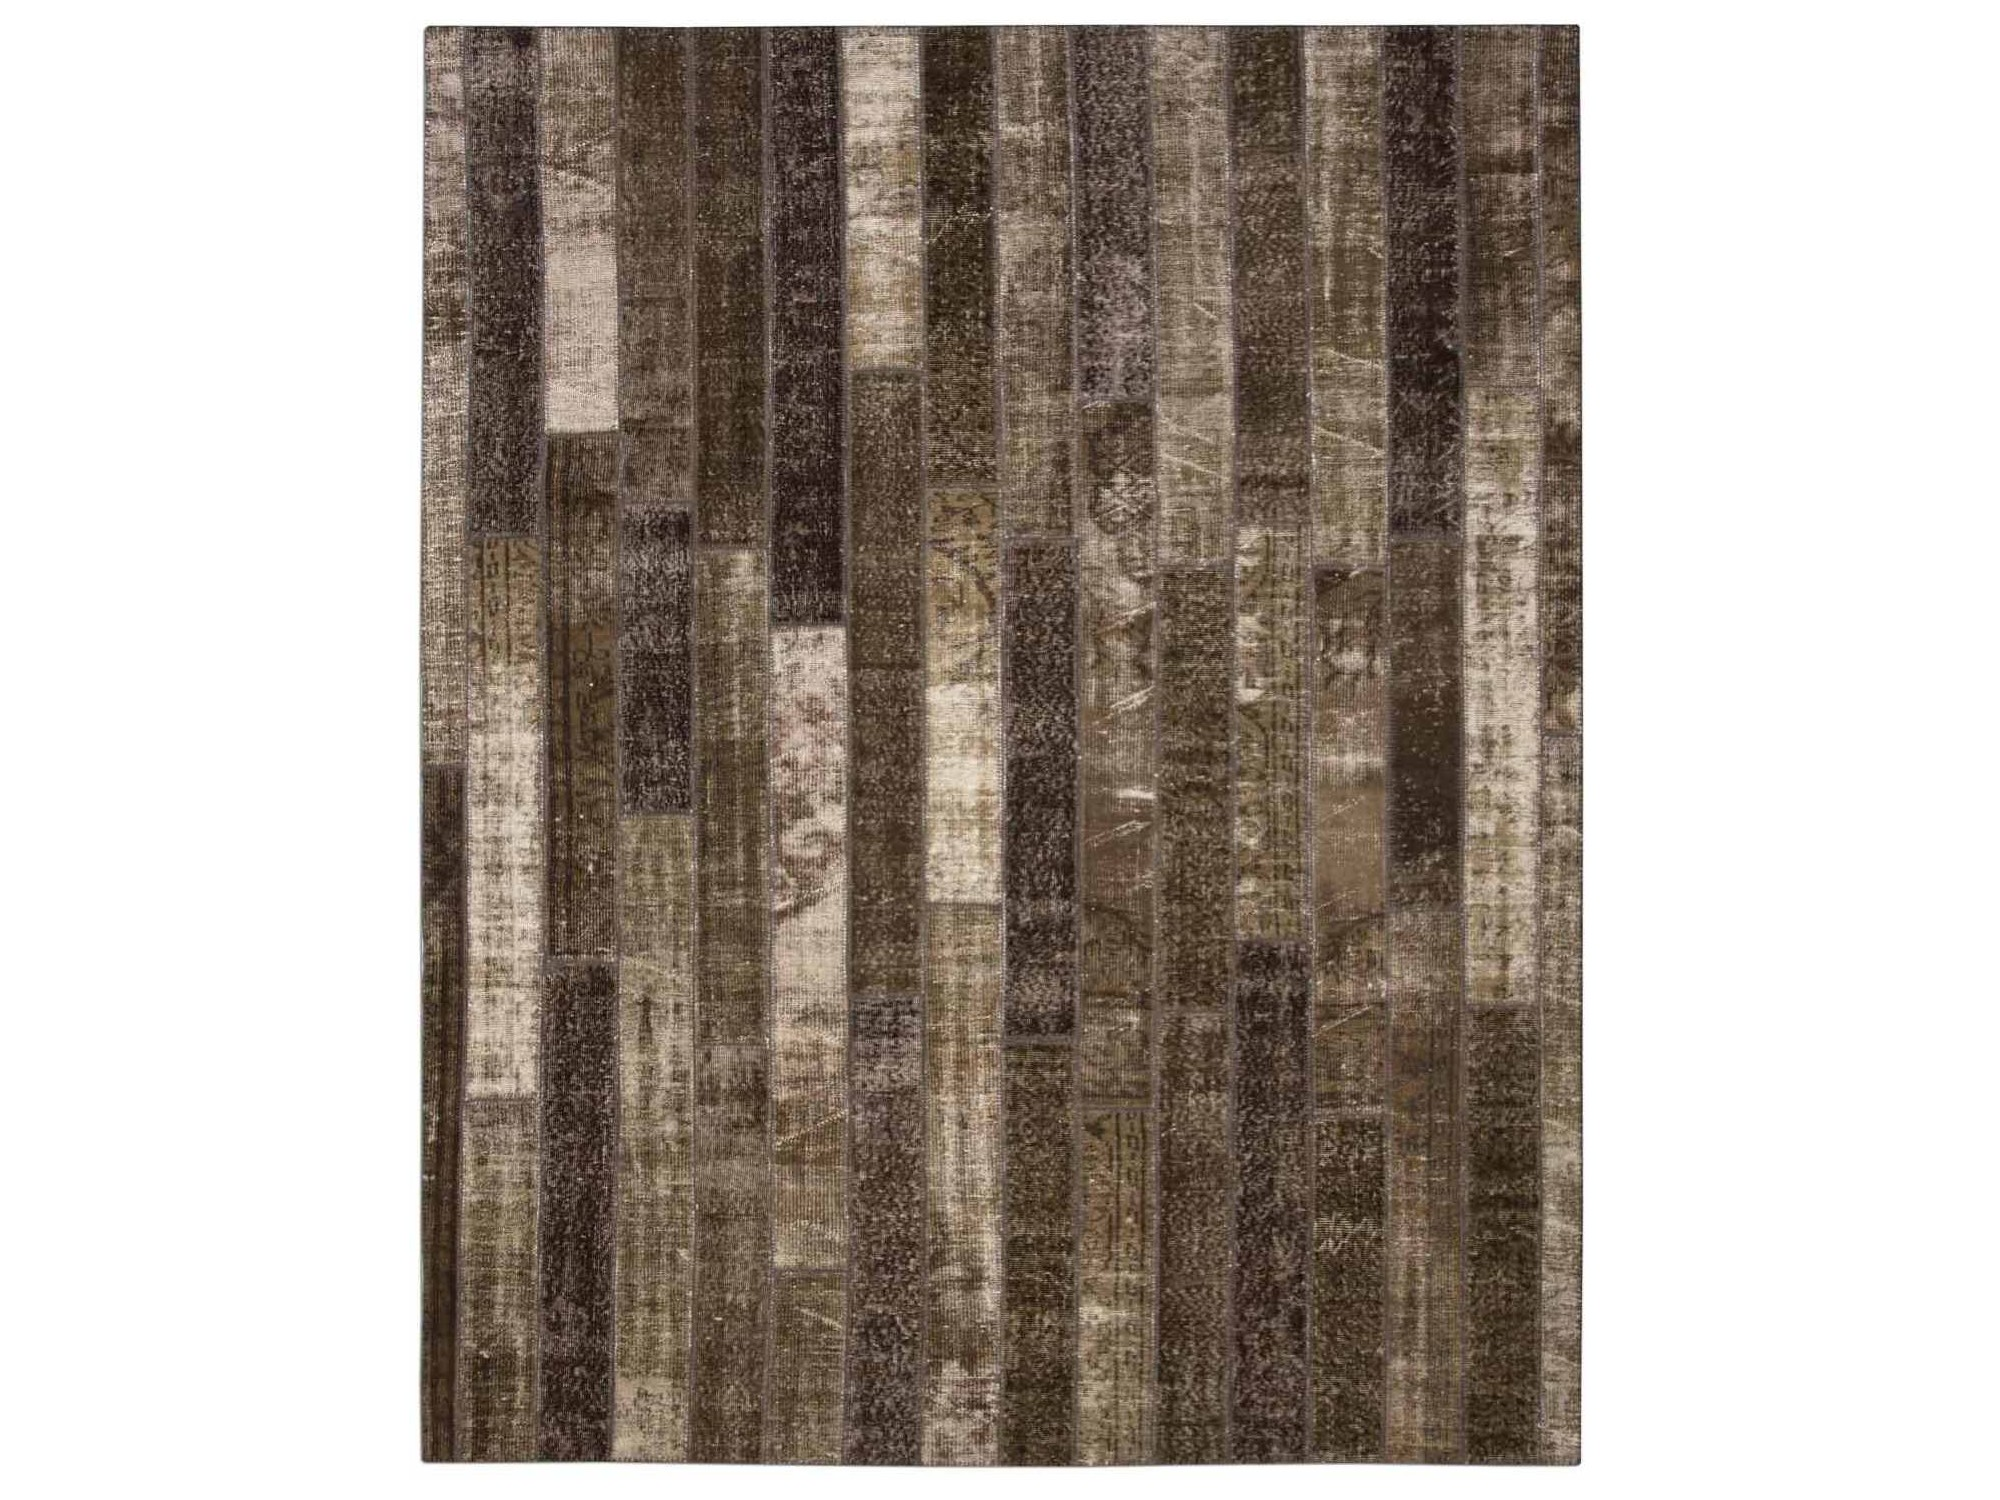 Ковер PatchworkПрямоугольные ковры<br>Винтажный ковер ручной работы в стиле &amp;quot;пэчворк&amp;quot; <br>из 100% шерсти. Ковер прекрасно подходит в <br>любые современные и классические интерьеры, <br>а благодаря толщине ковра всего 5 мм. и отсутствию <br>ворса, его легко чистить любыми видами пылесосов. <br>Этот настоящий ковер ручной работы не потеряет <br>своих красок и будет служить десятилетия.<br><br>Material: Шерсть<br>Ширина см: 248<br>Глубина см: 308